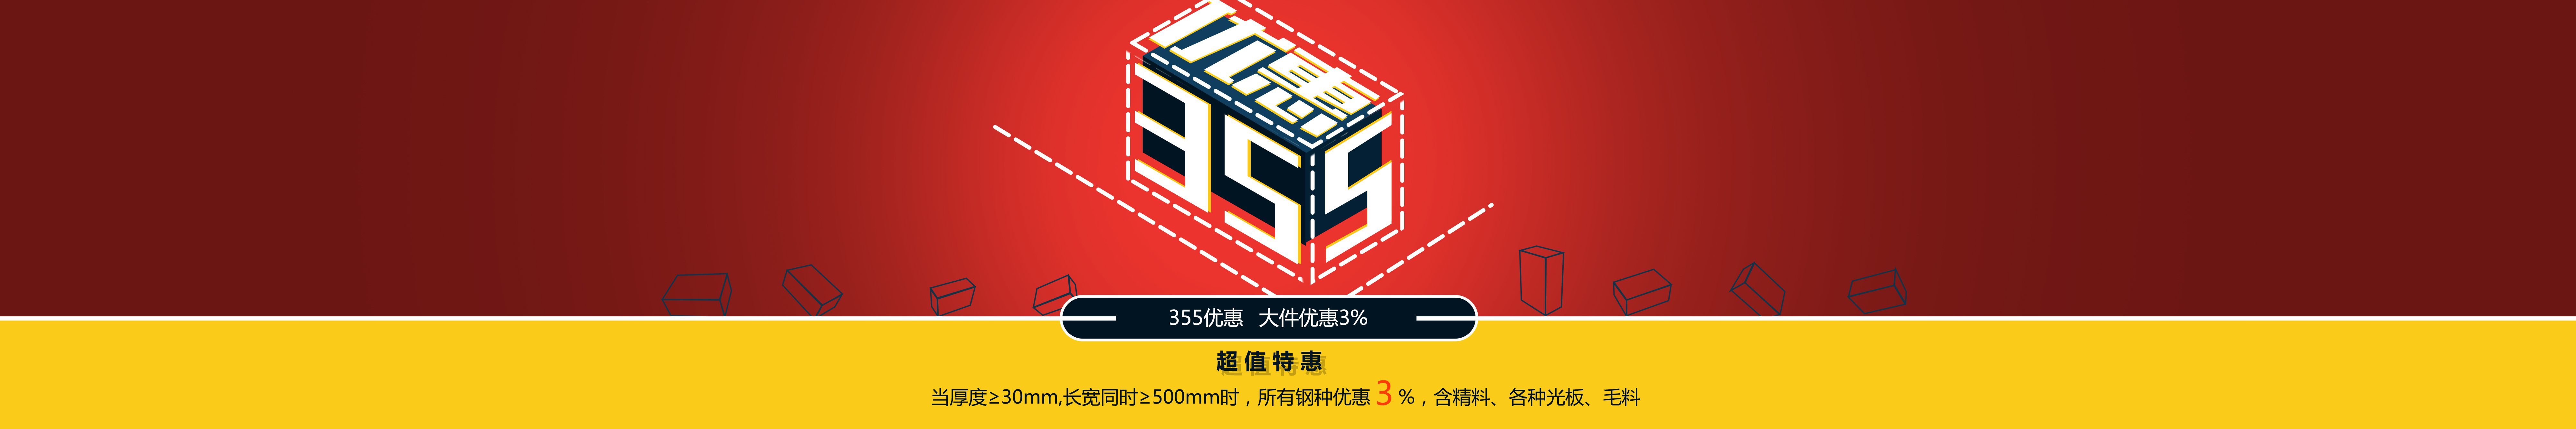 355優惠上線:當厚度≥30,長寬同時≥500時優惠3%